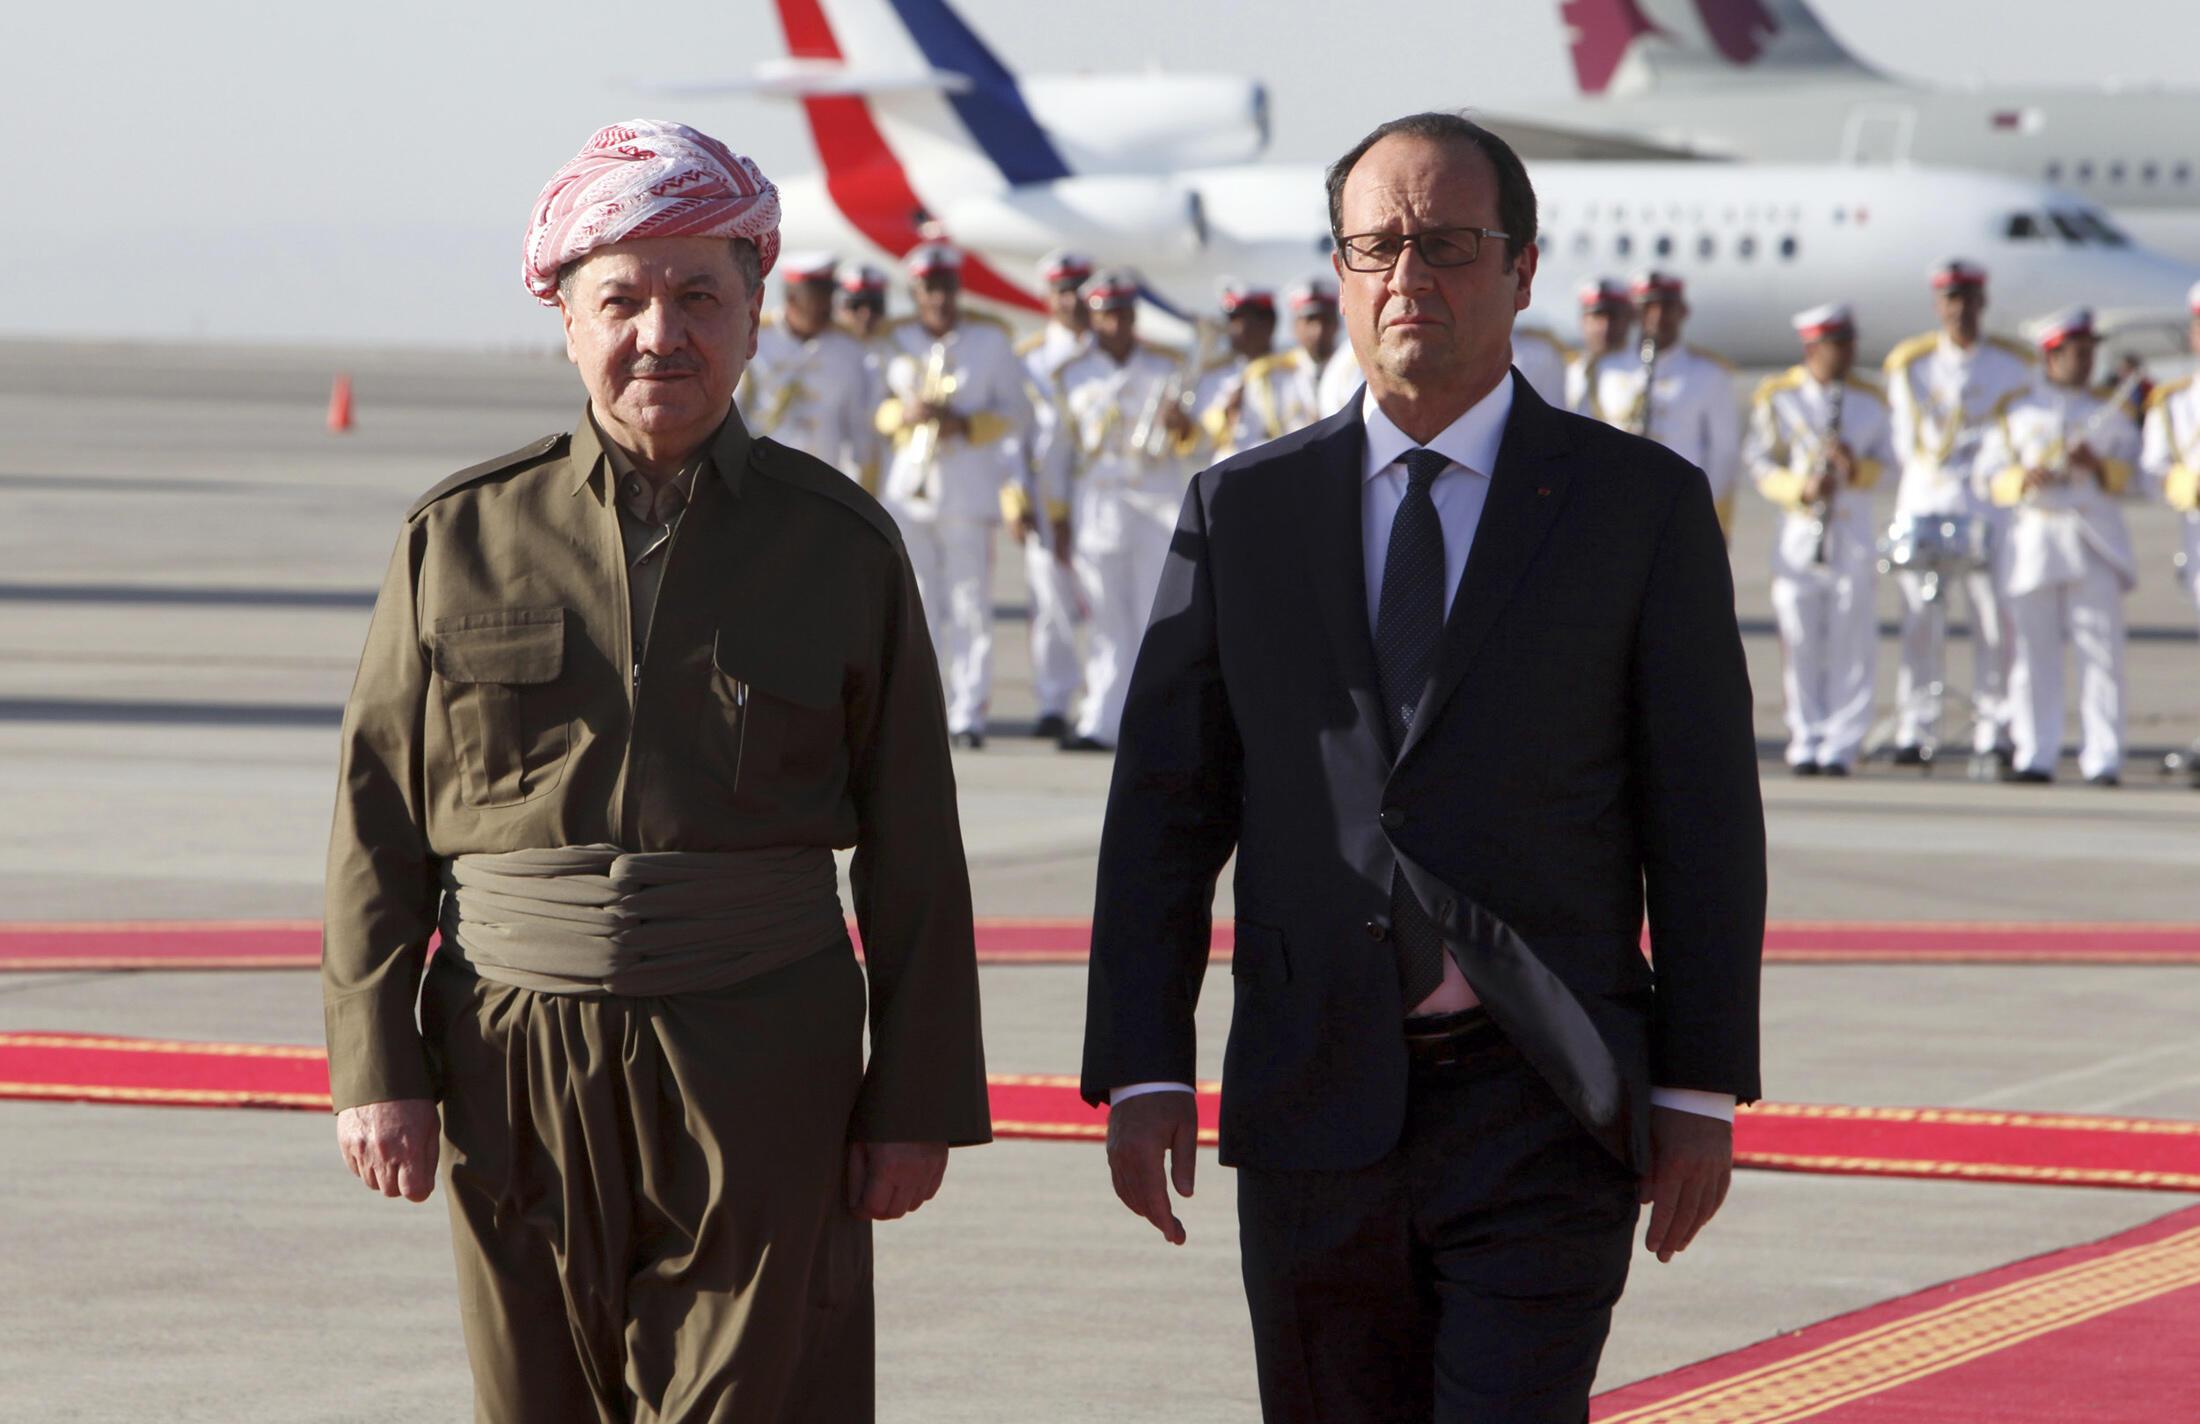 Президент Франсуа Олланд в Эрбиле с главой Иракского Курдистана Масудом Барзани 12 сентября 2014